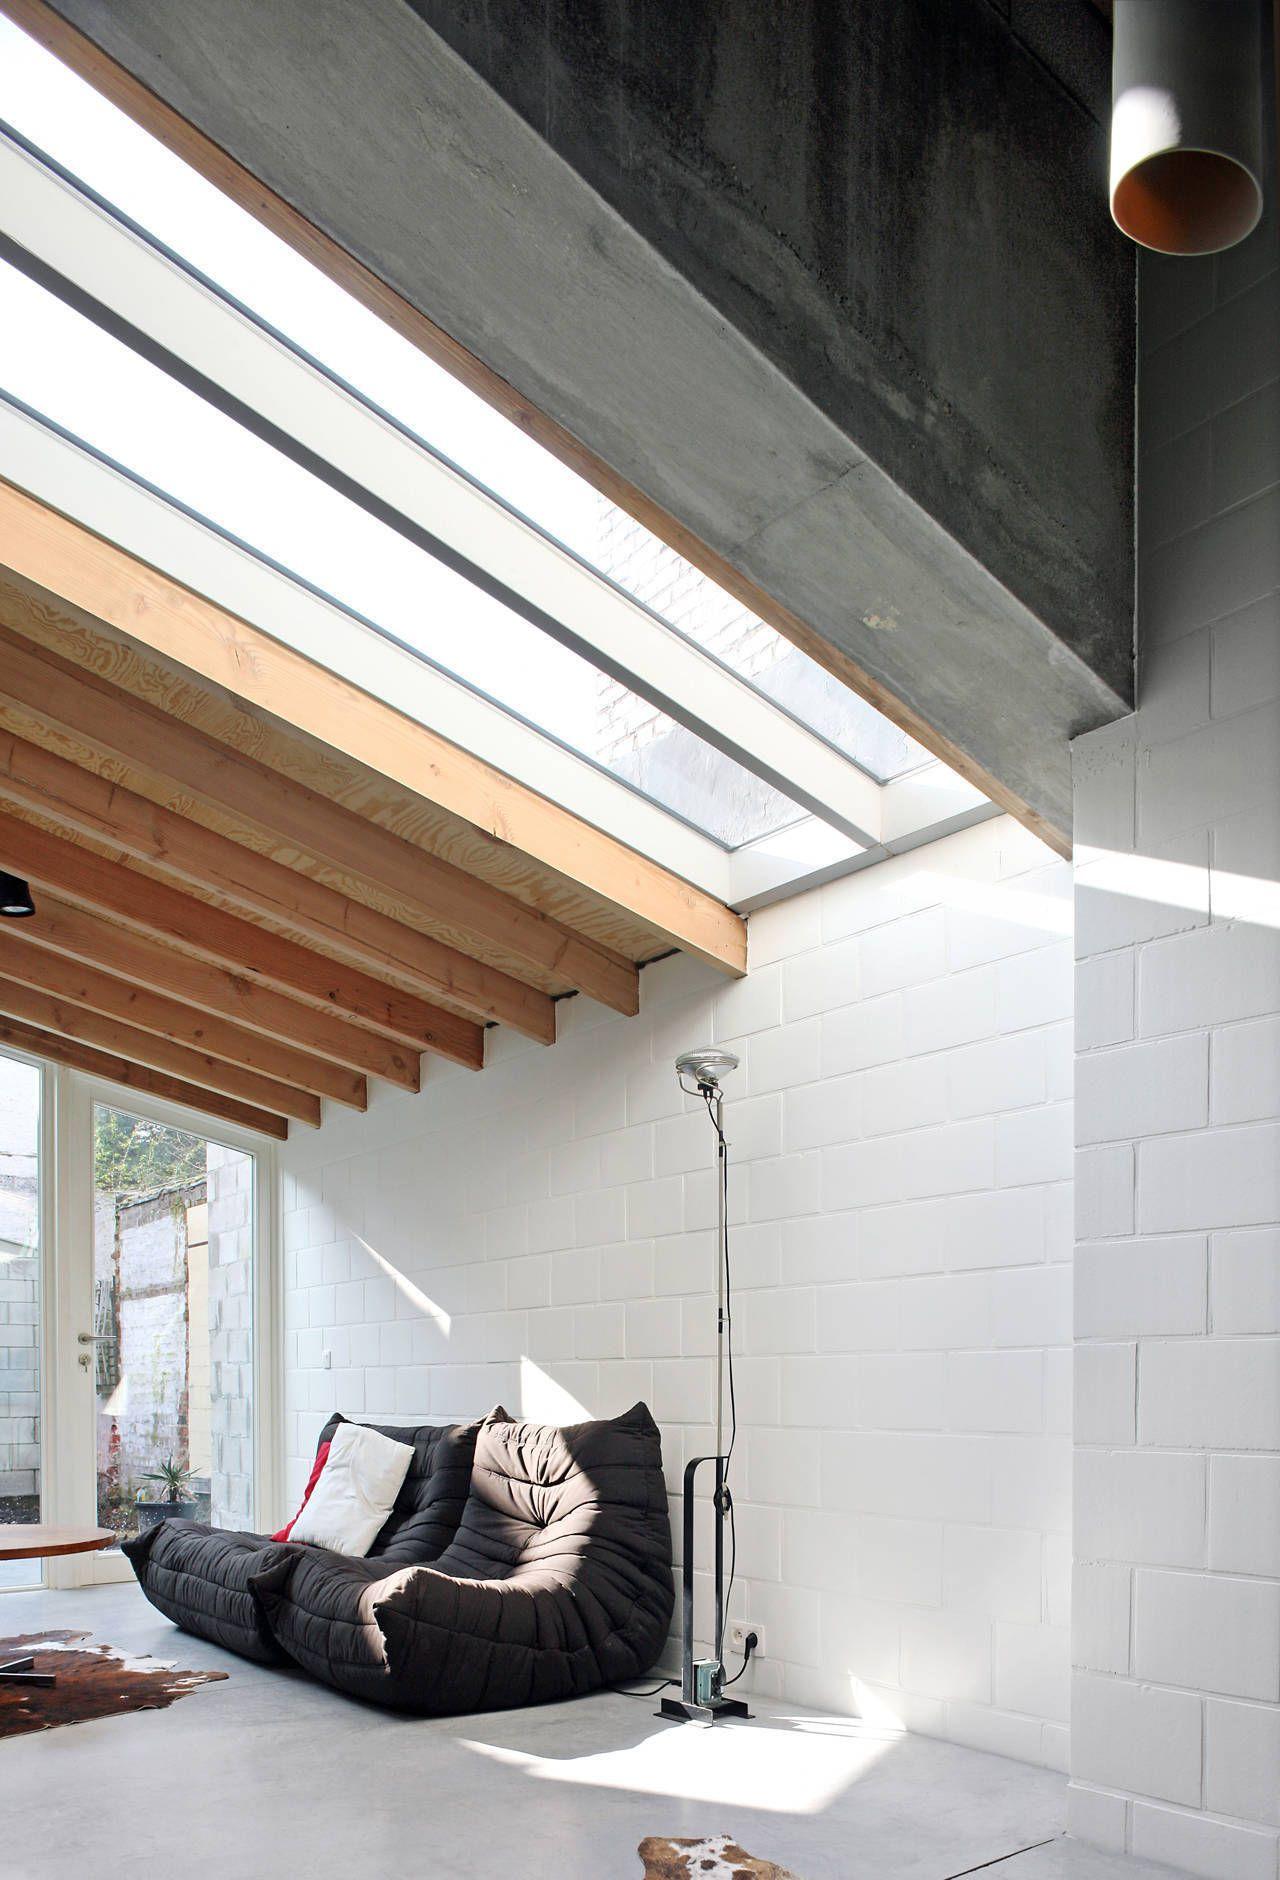 Innenarchitektur für wohnzimmer für kleines haus daily visual overdose  uc in   pinterest  architektur haus